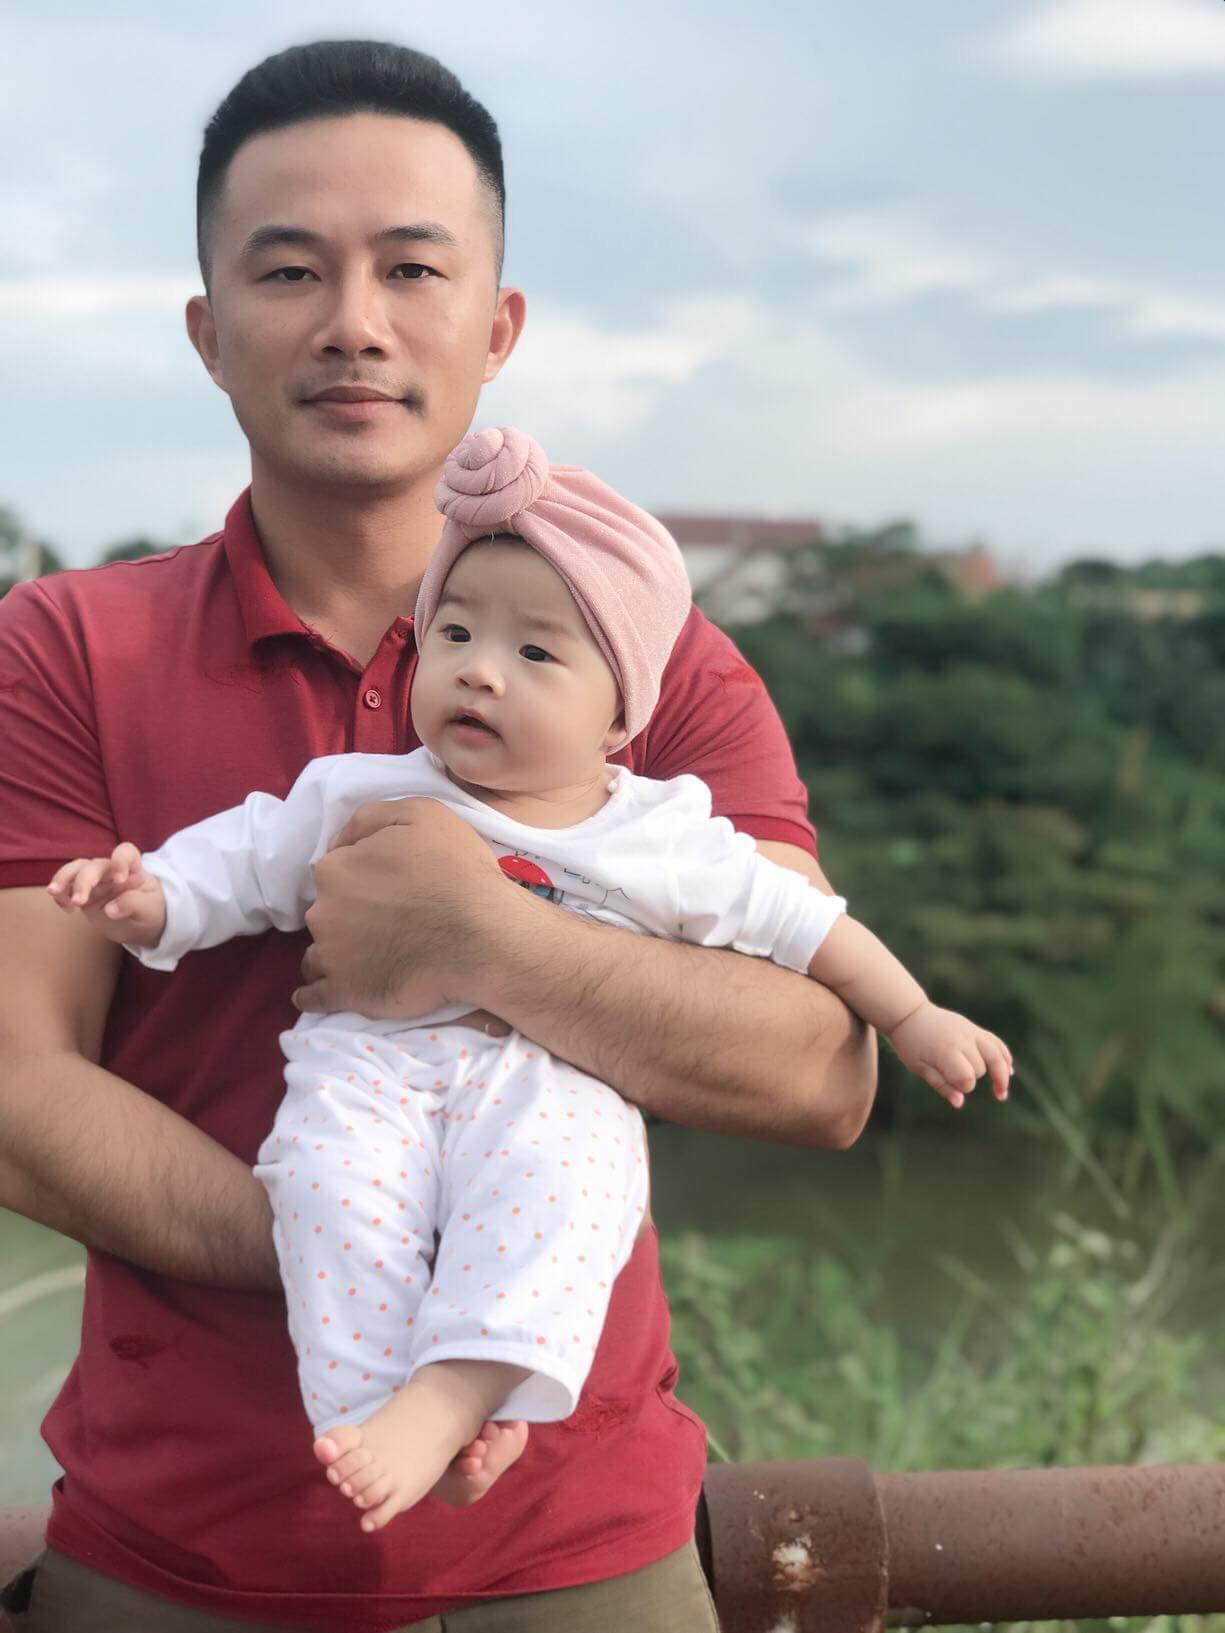 7 năm mong con, 2 lần thụ tinh nhân tạo thất bại nhưng cuối cùng bà mẹ này lại hạnh phúc tột bậc khi mang thai tự nhiên - Ảnh 7.